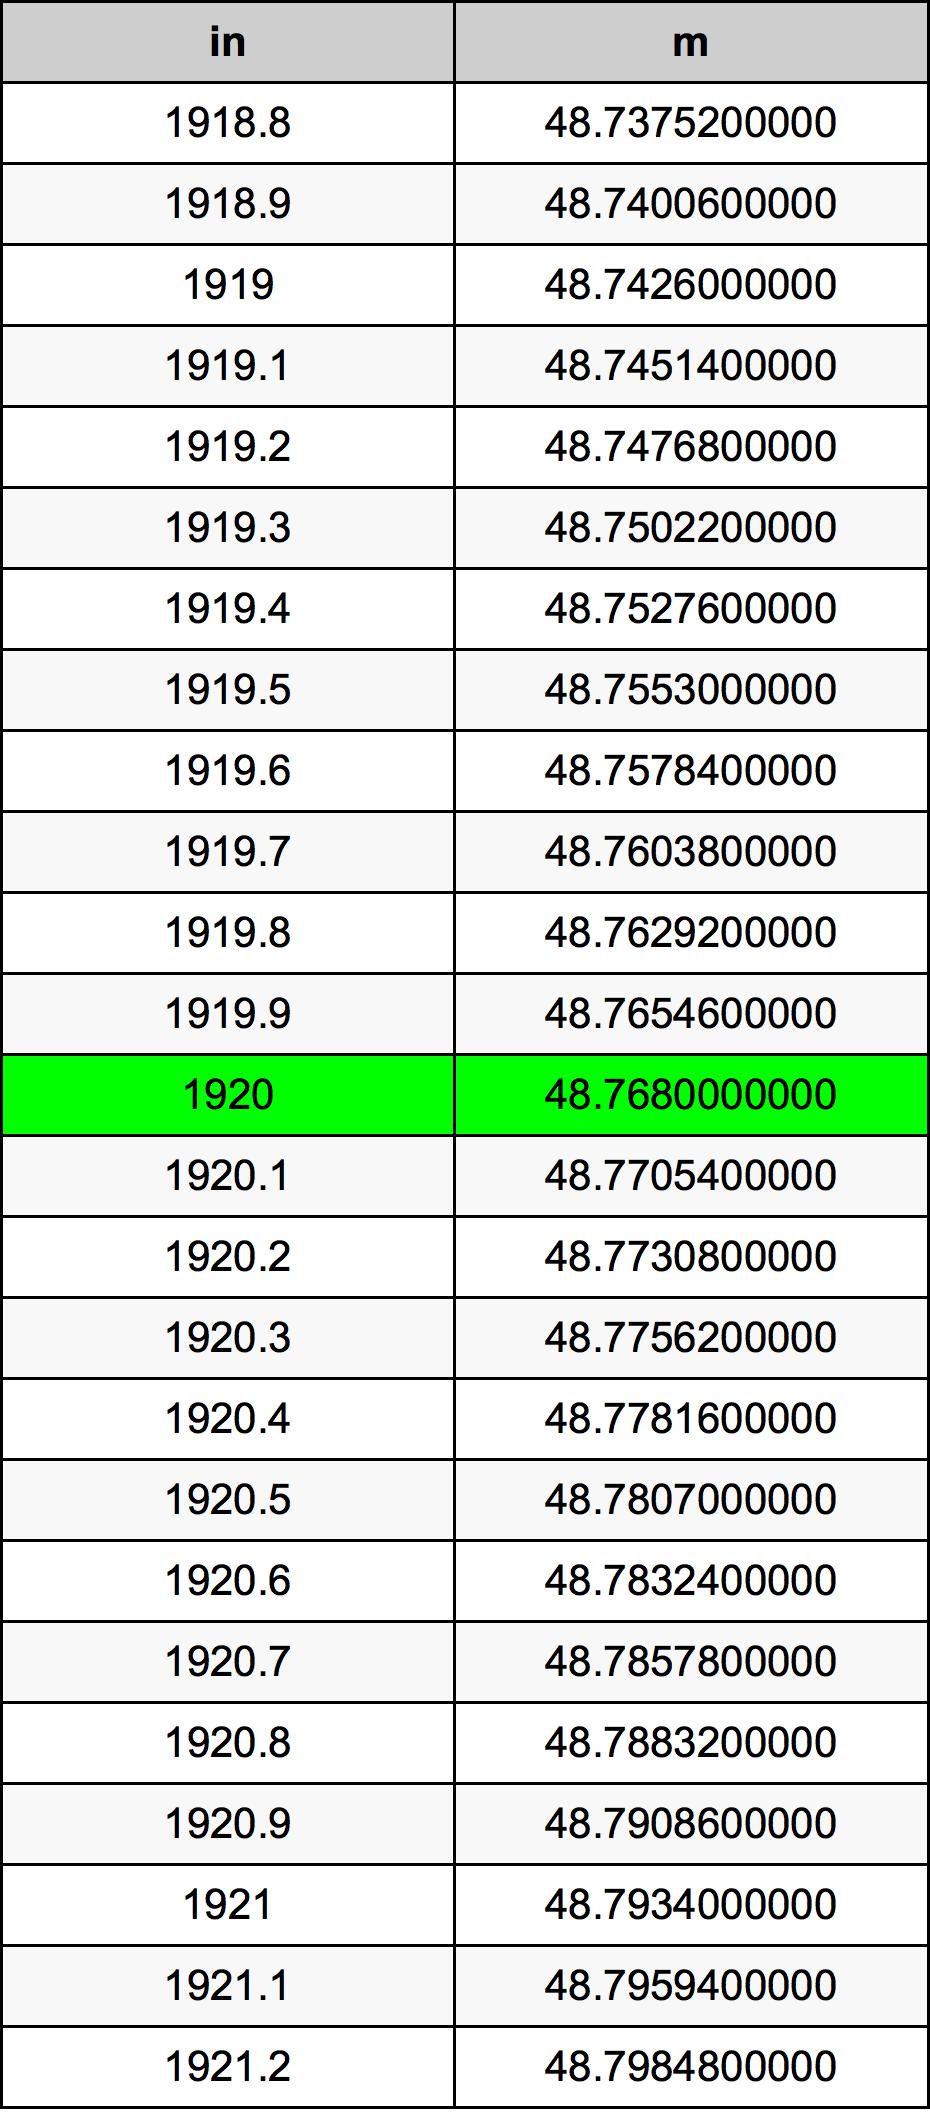 1920 Pouce table de conversion